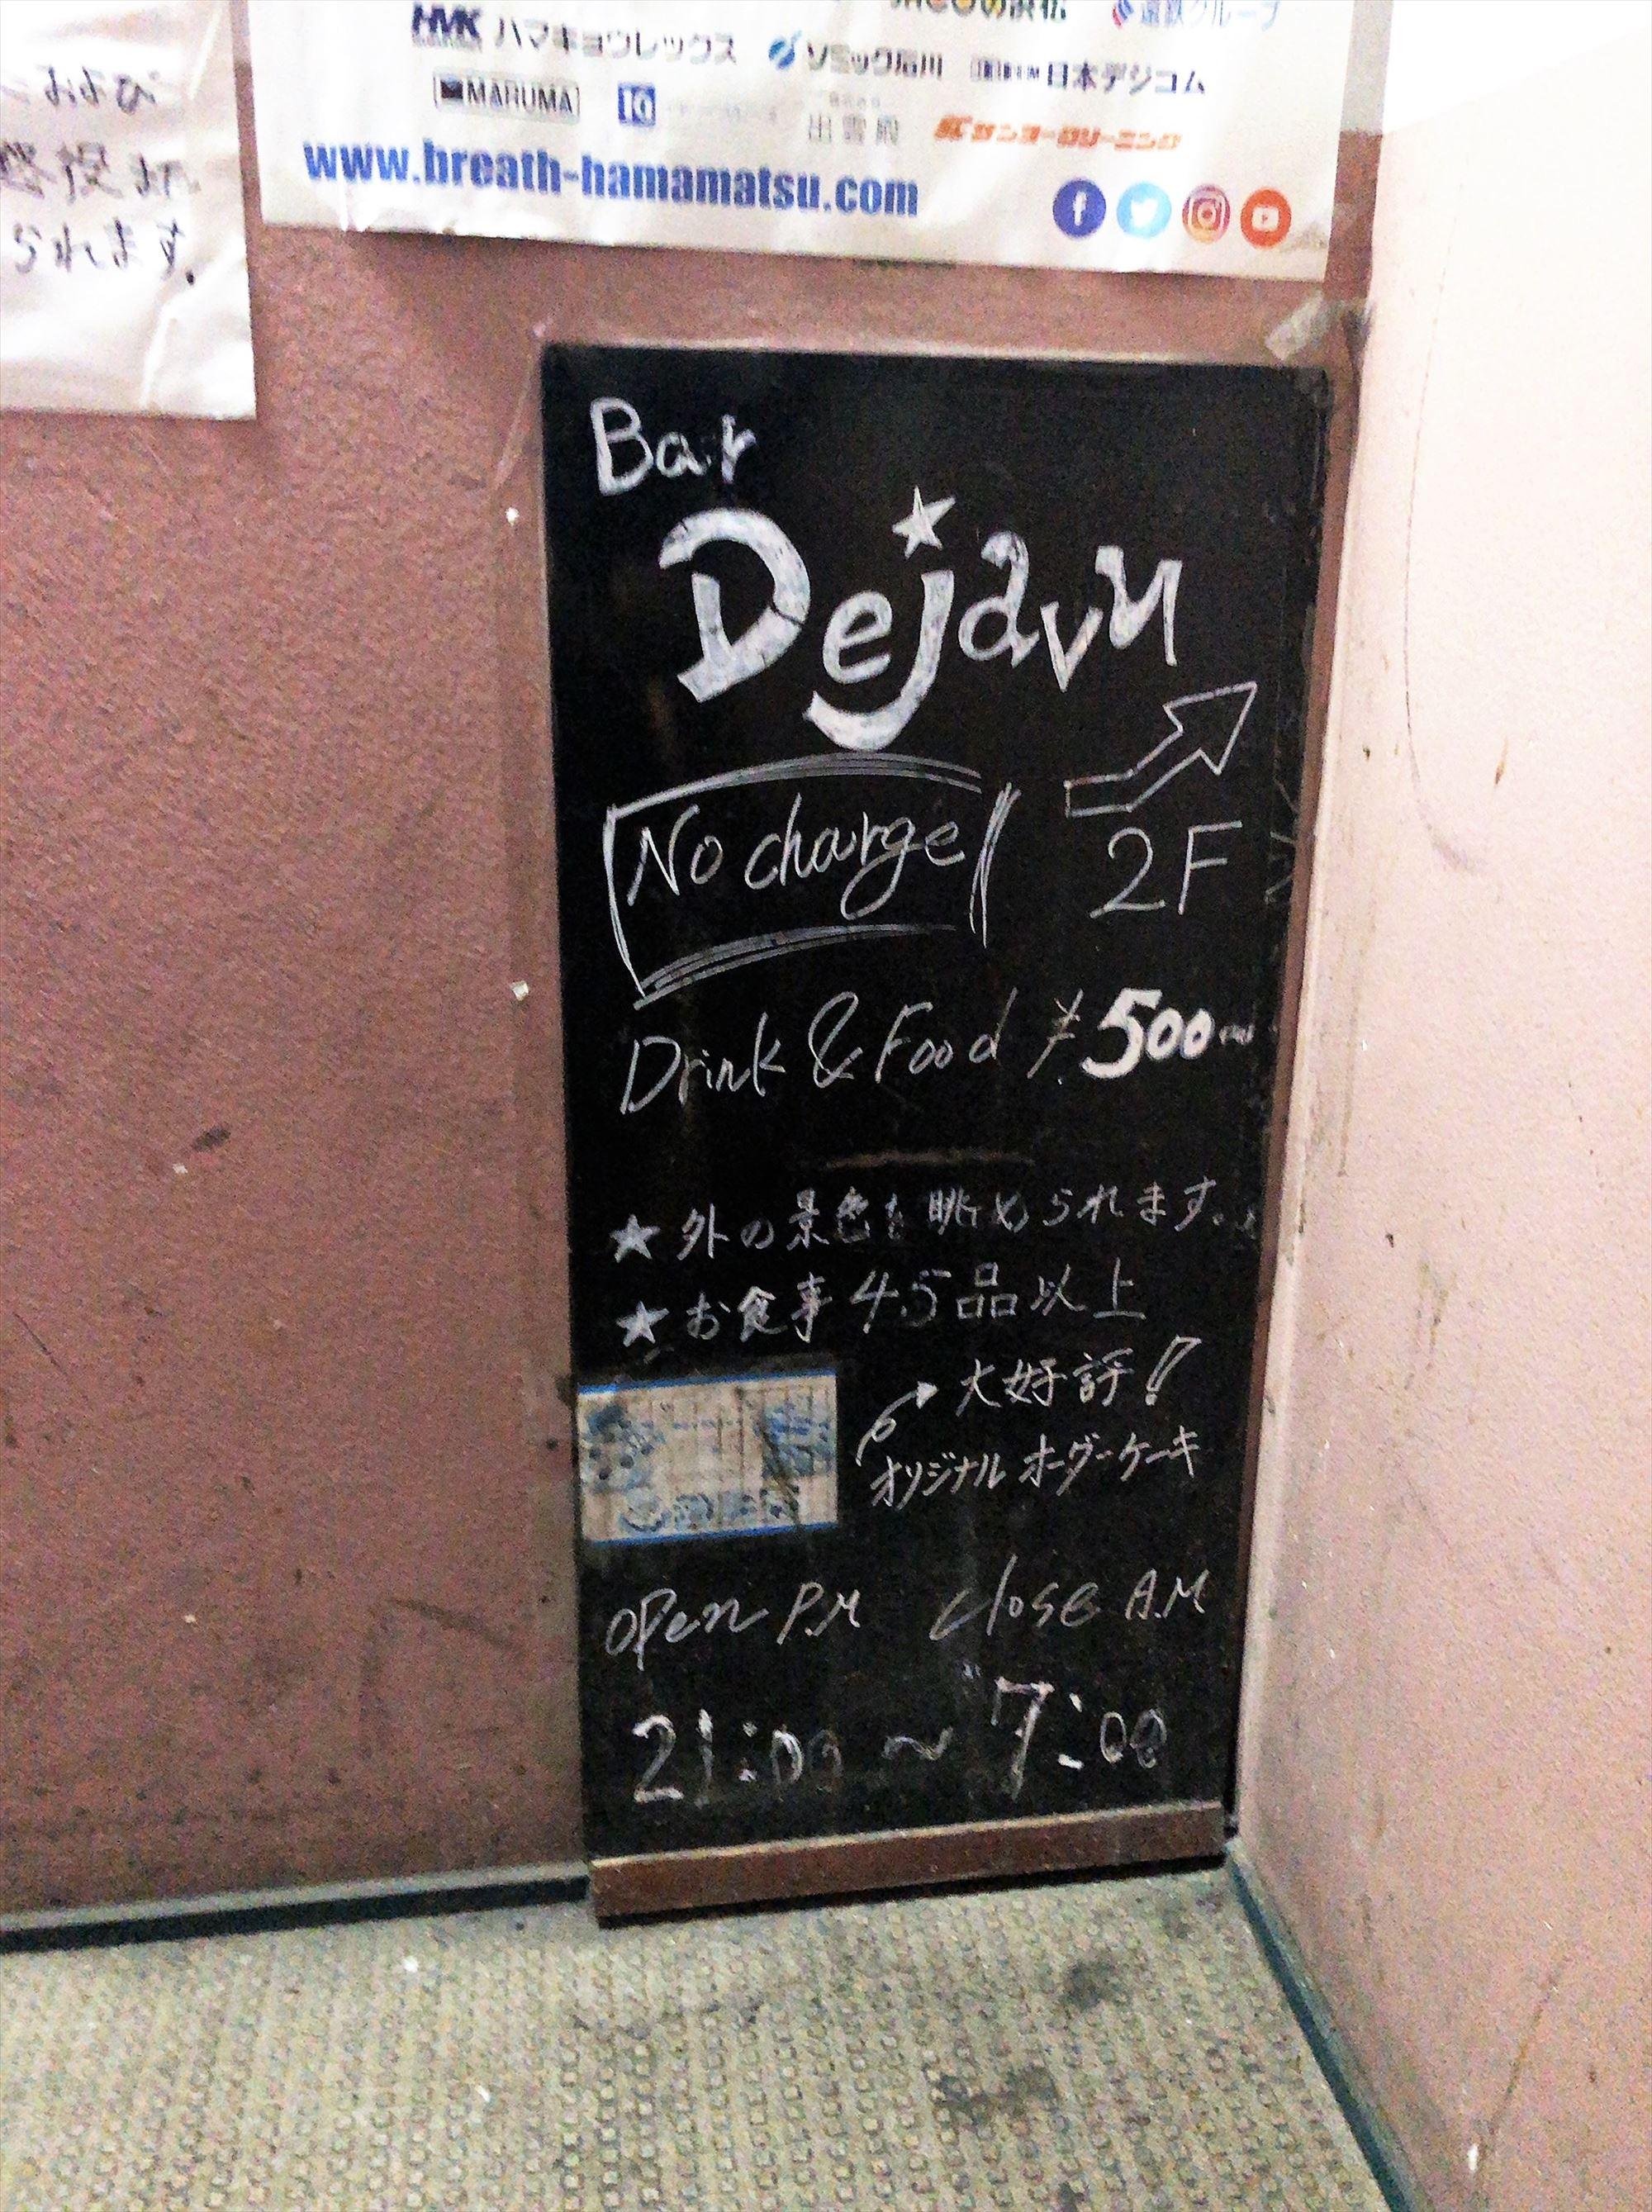 食事と酒の店 デジャブの外観